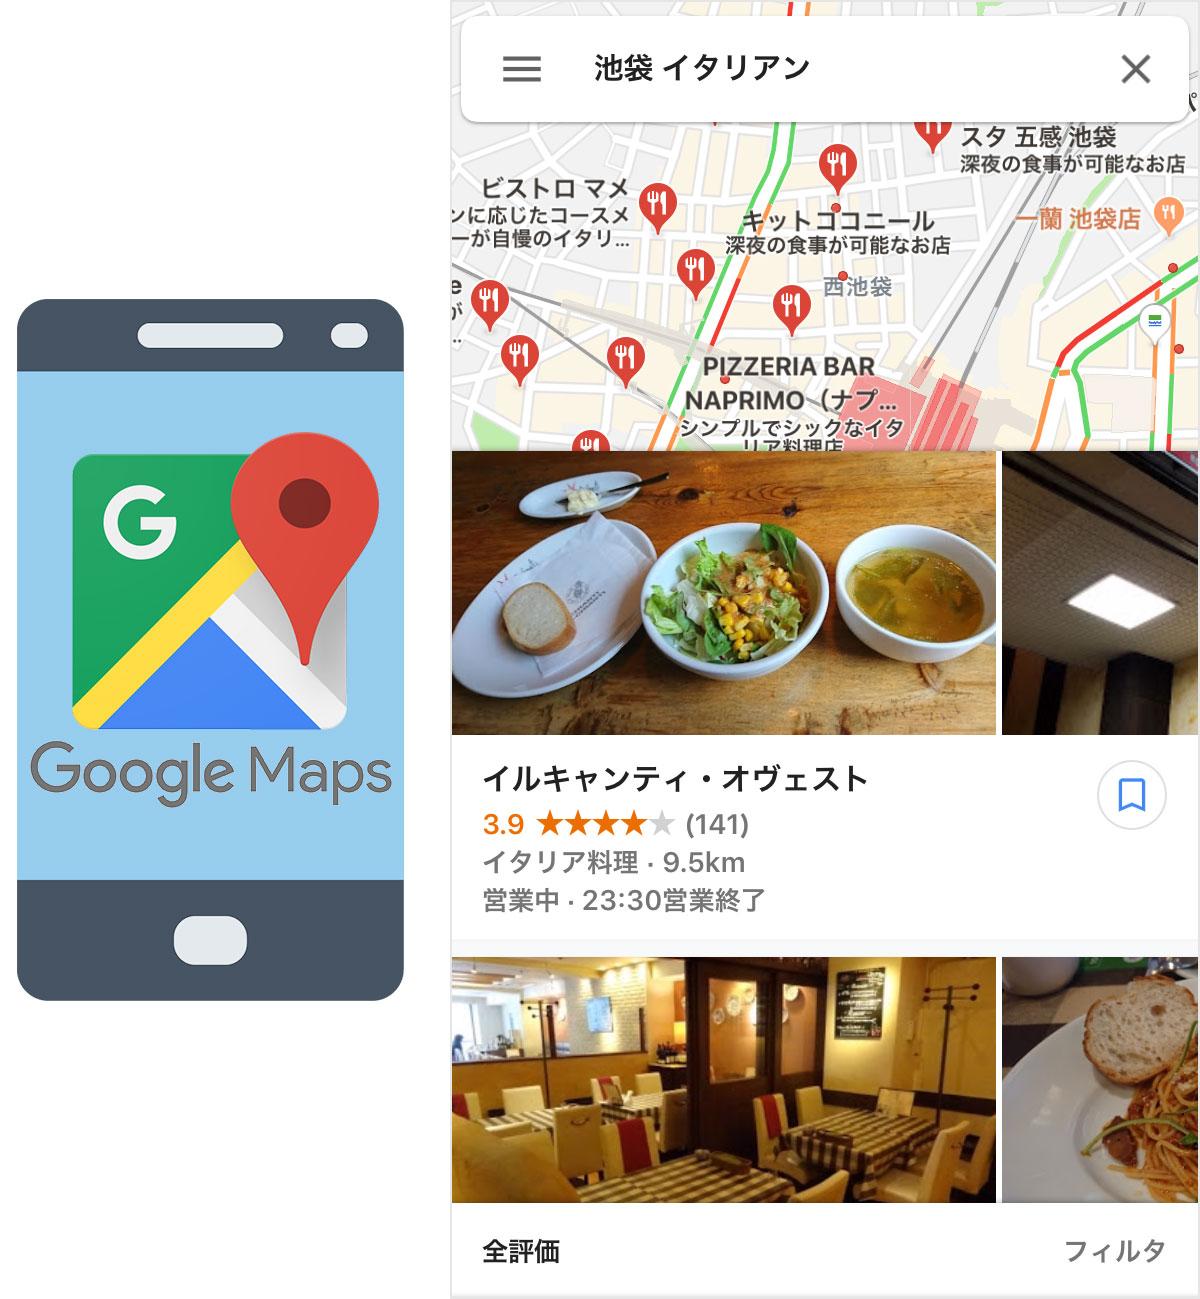 Googleマップのアプリで検索